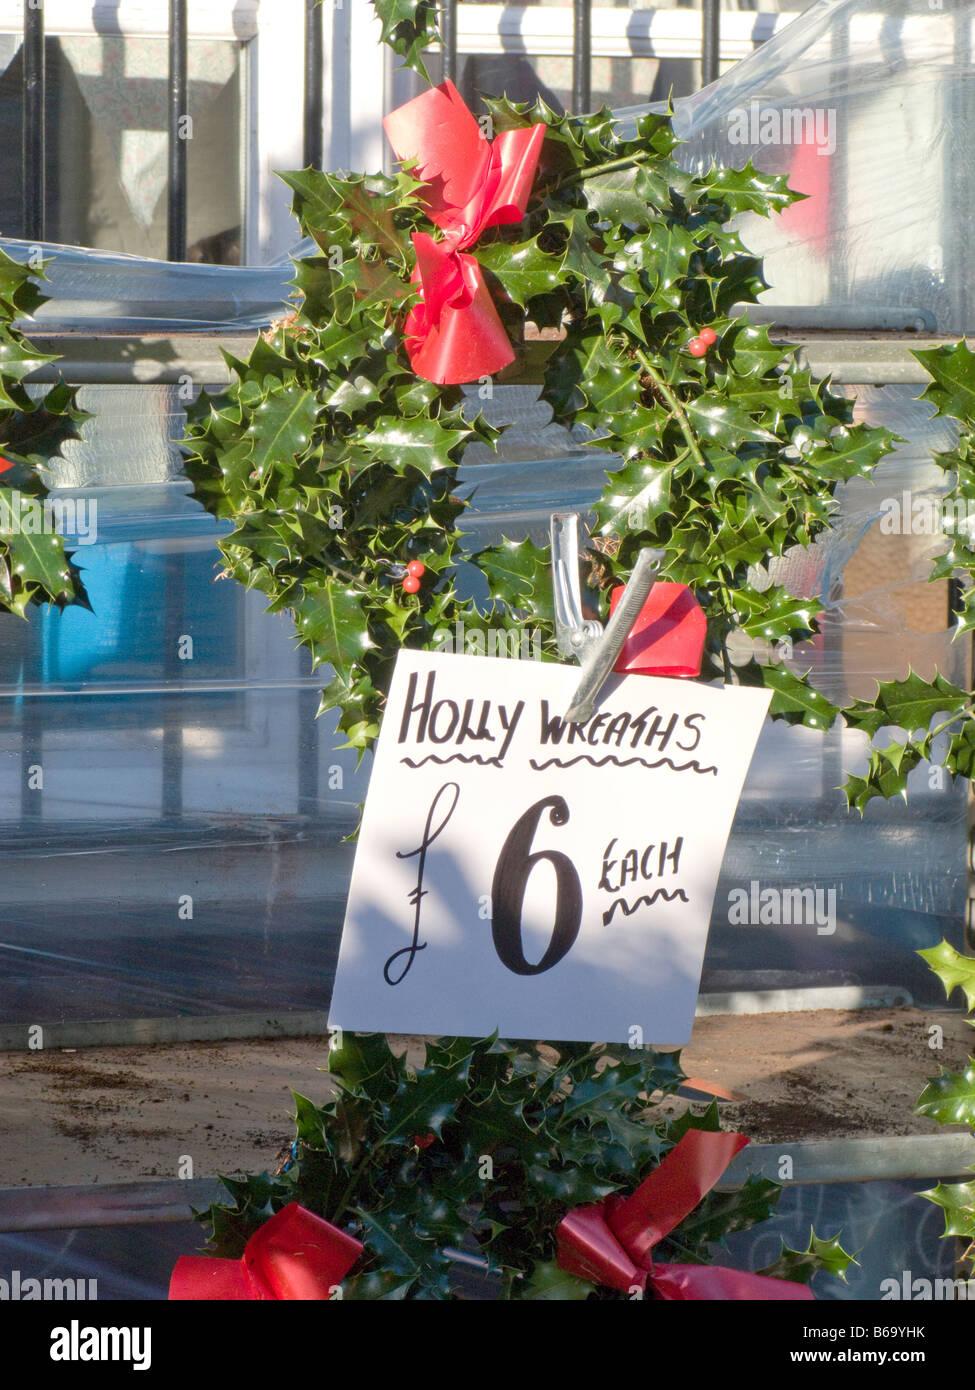 Alberi di Natale in vendita presso la Columbia Road Market Shoreditch Tower Hamlets East End di Londra.England Regno Foto Stock